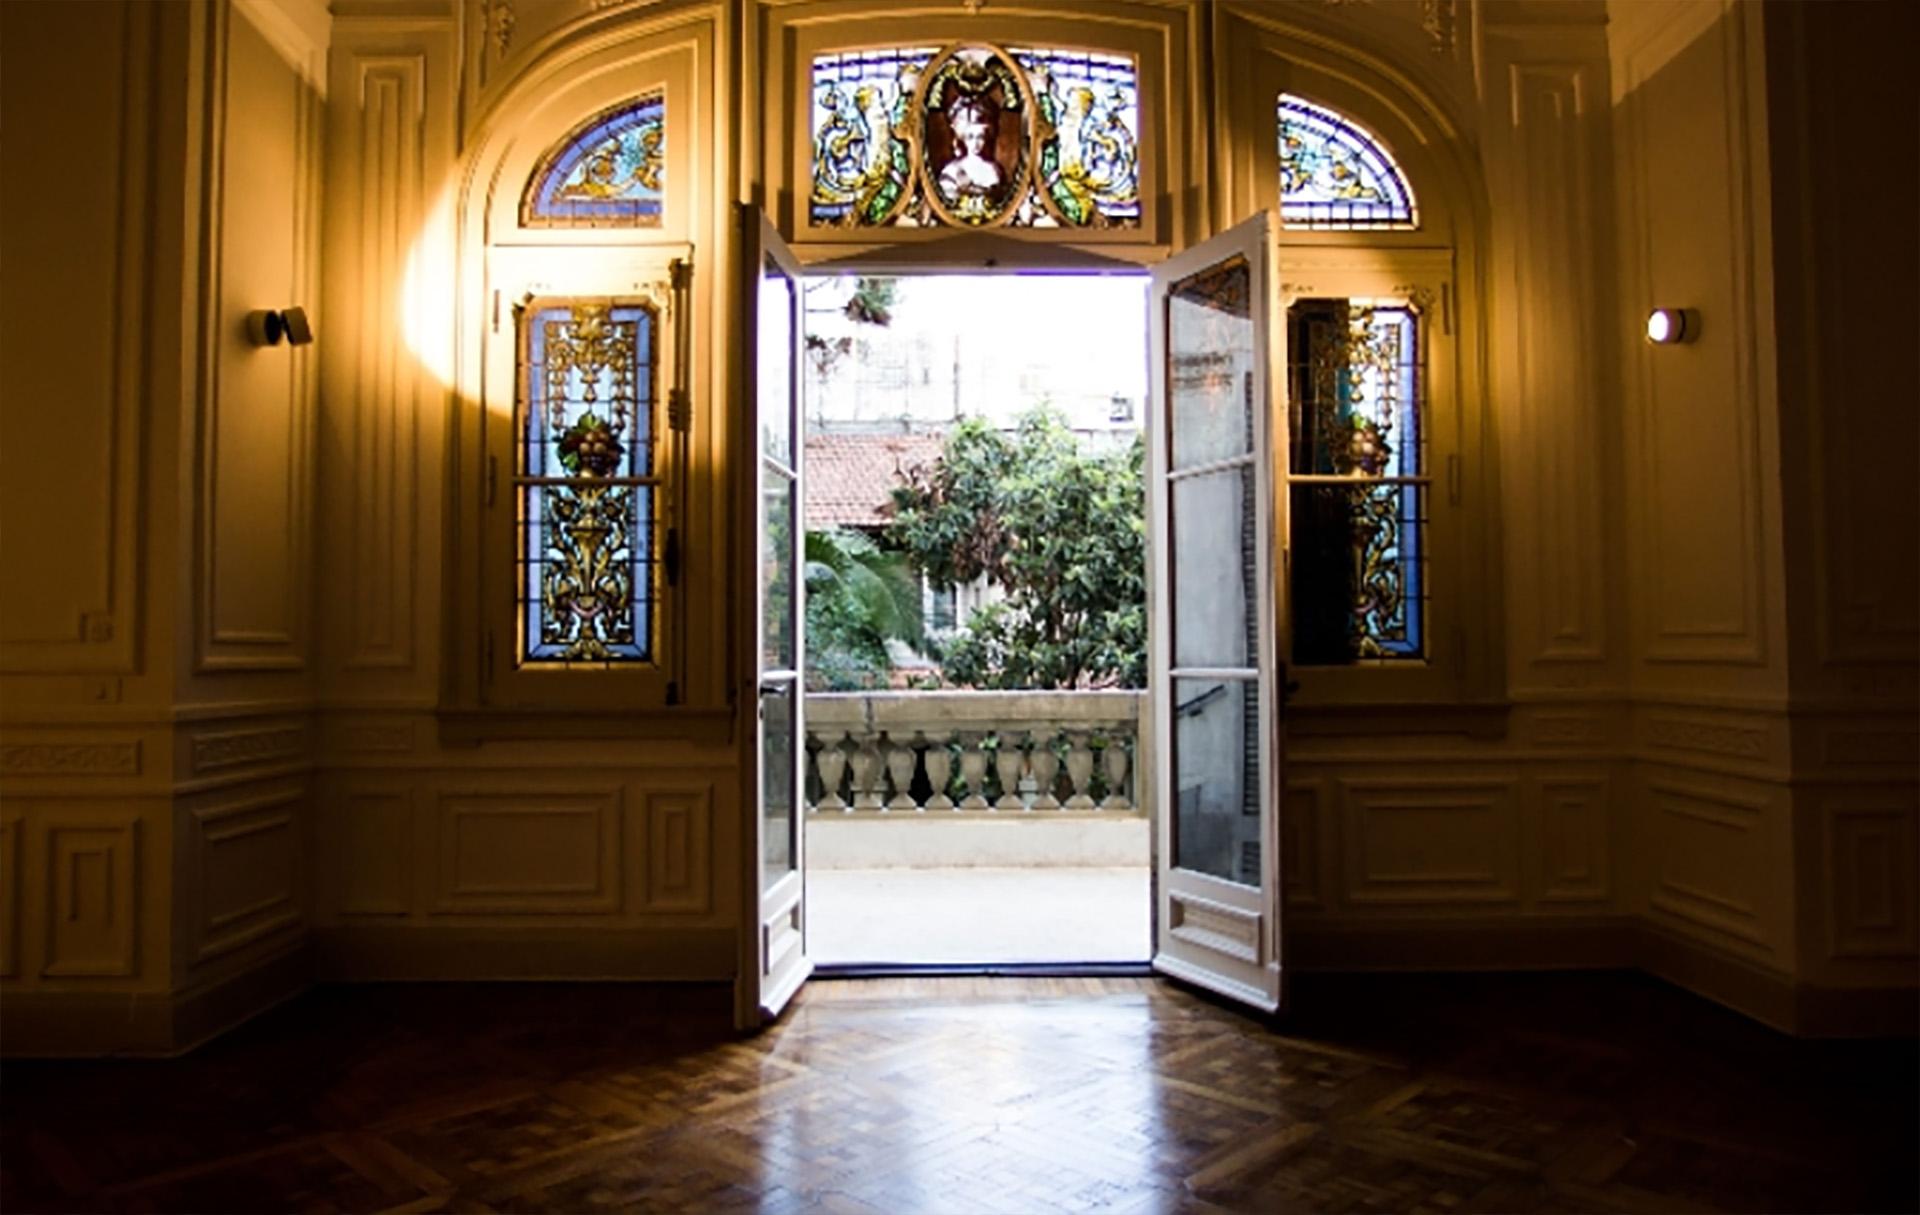 Los vitrales que enmarcan los ventanales con vista al jardín